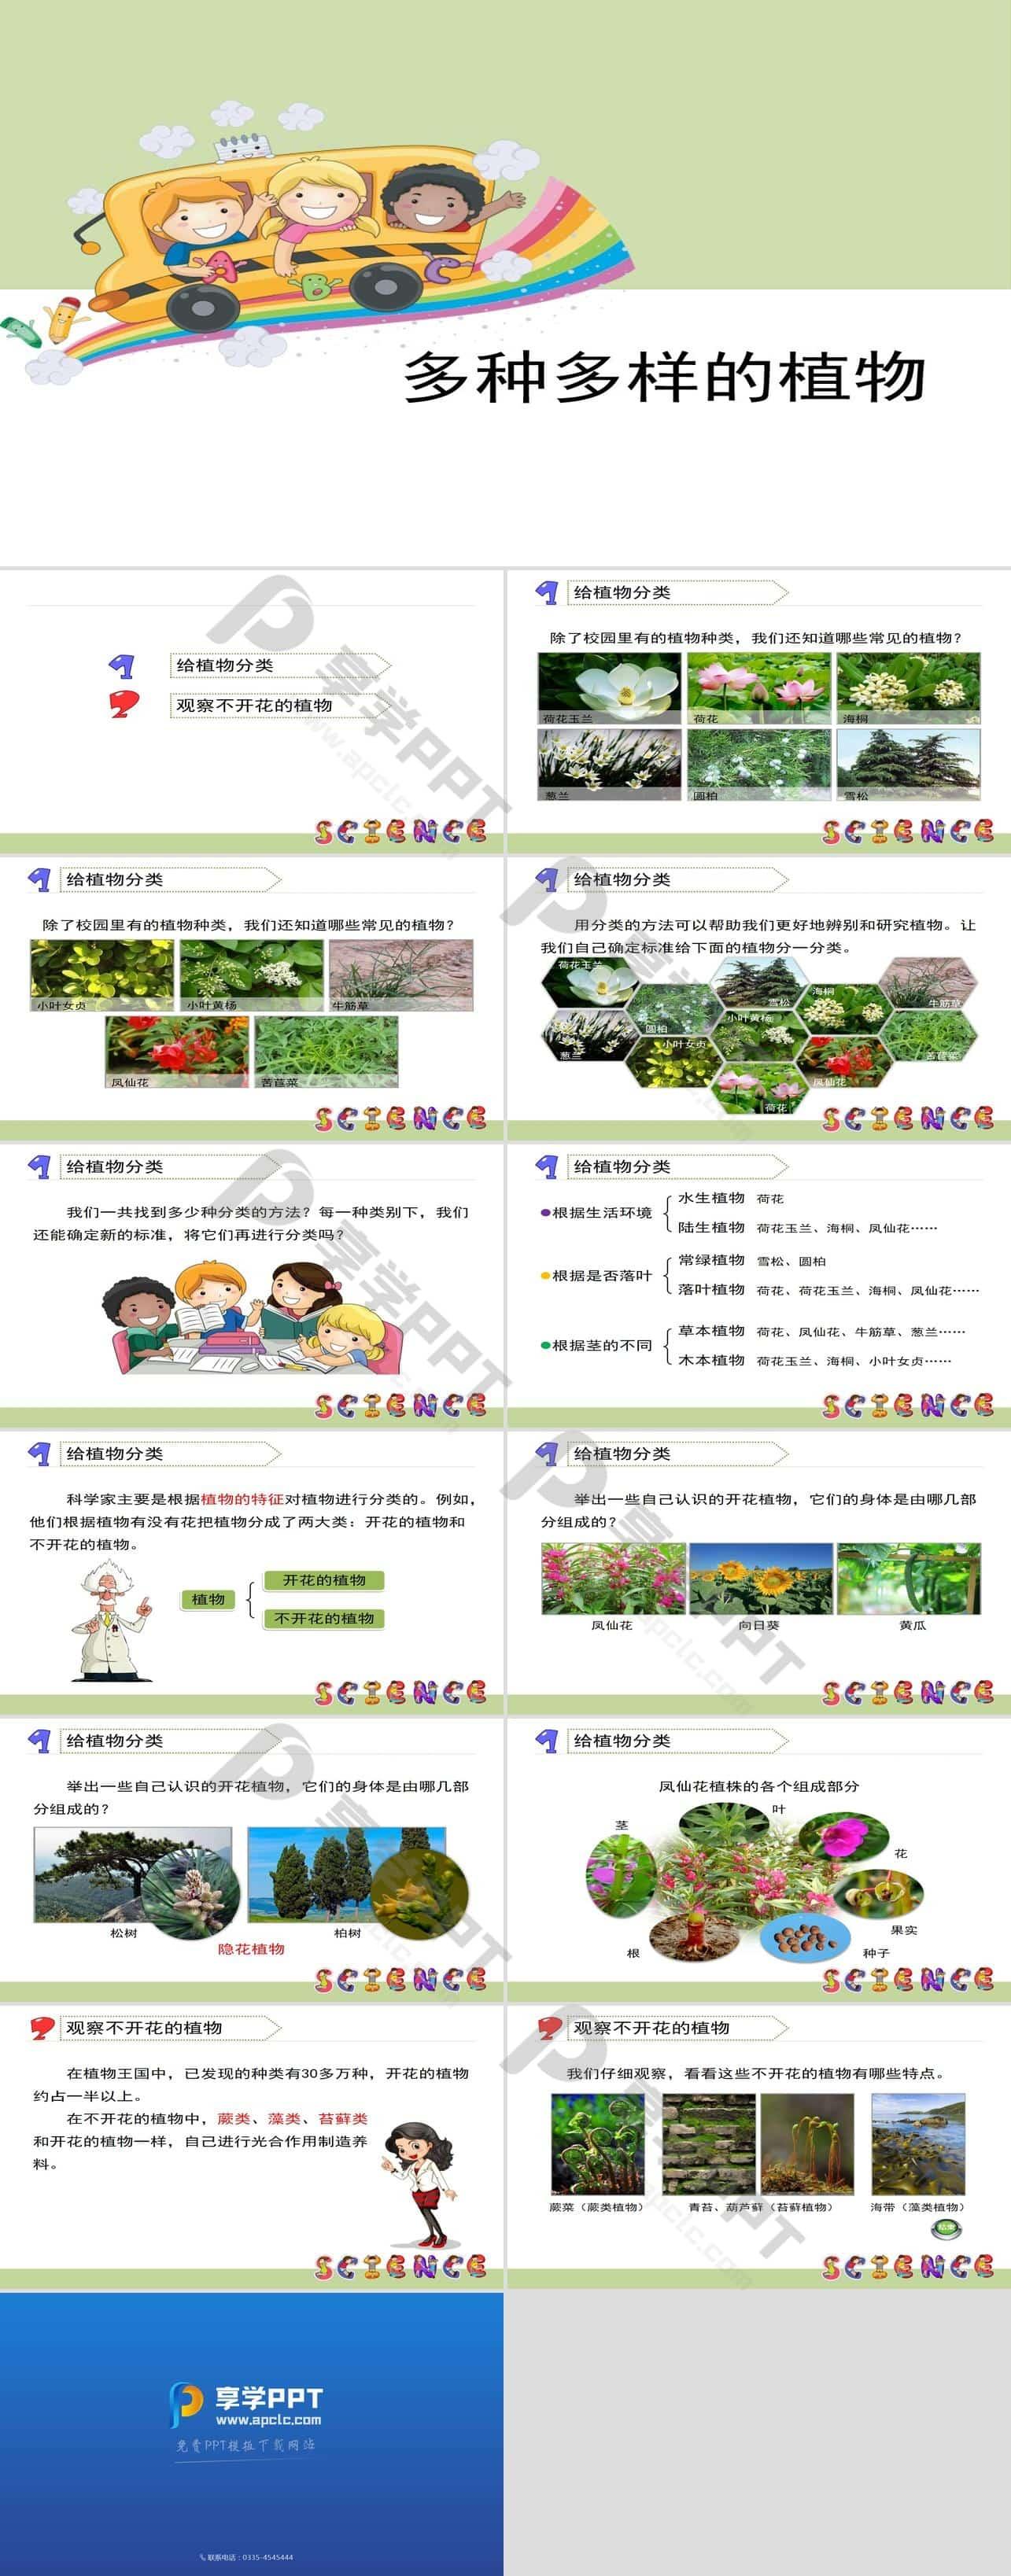 《多种多样的植物》生物的多样性PPT长图